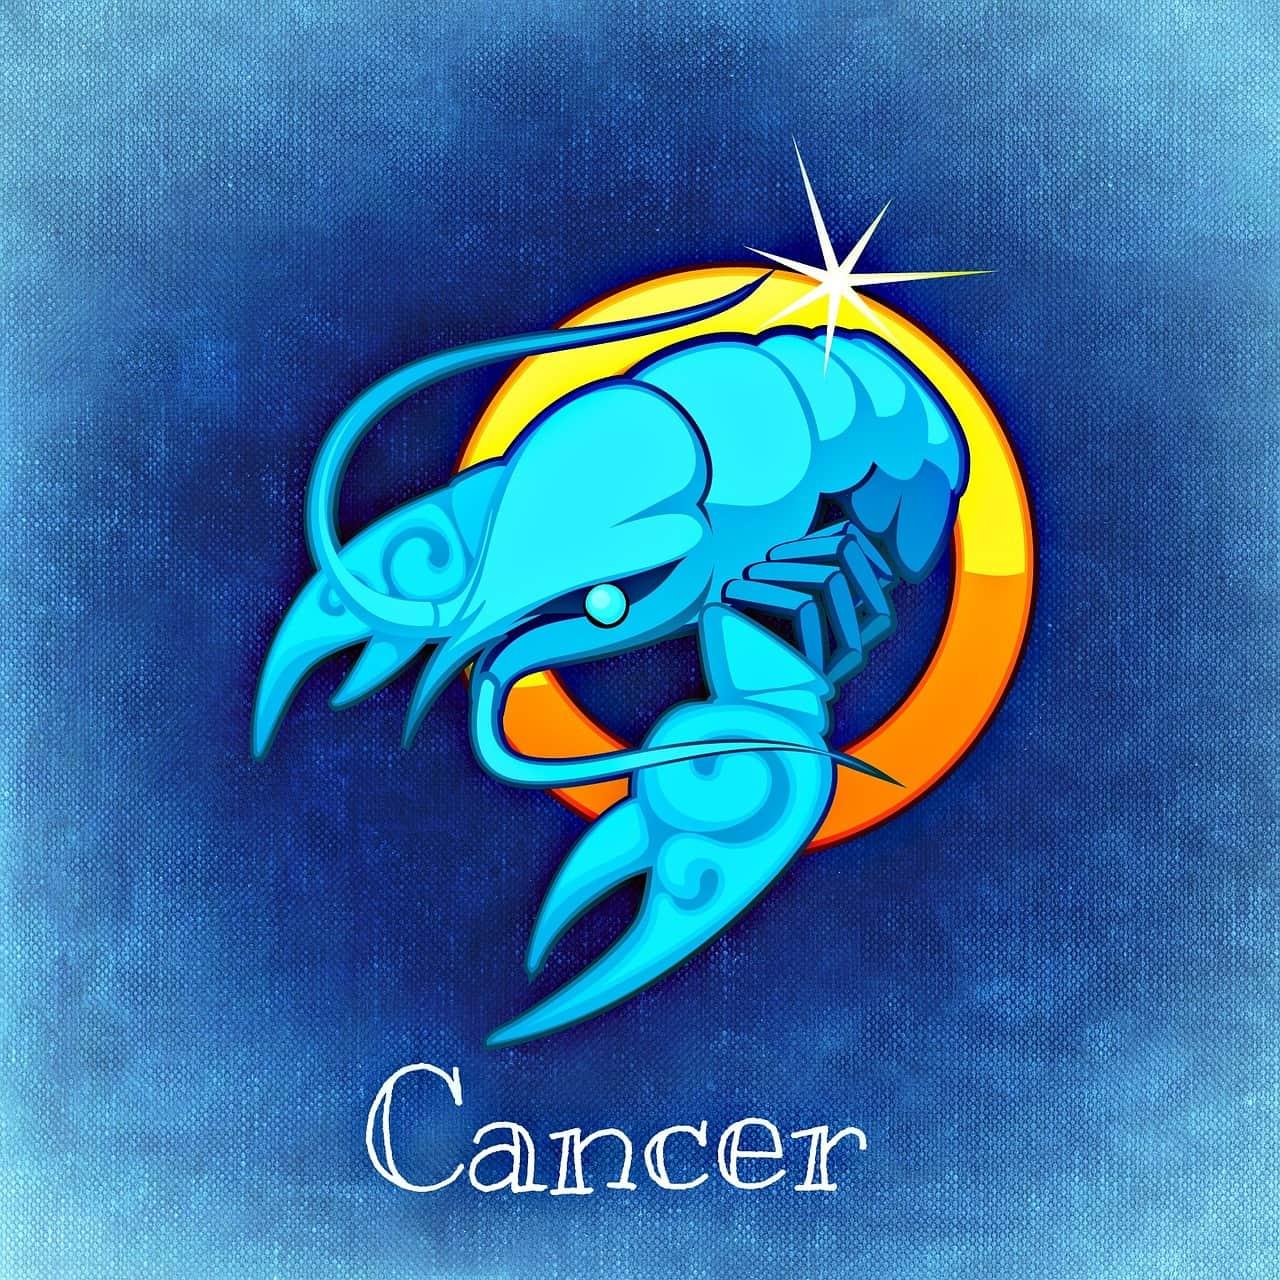 Signe du Cancer : ce que vous ne savez pas